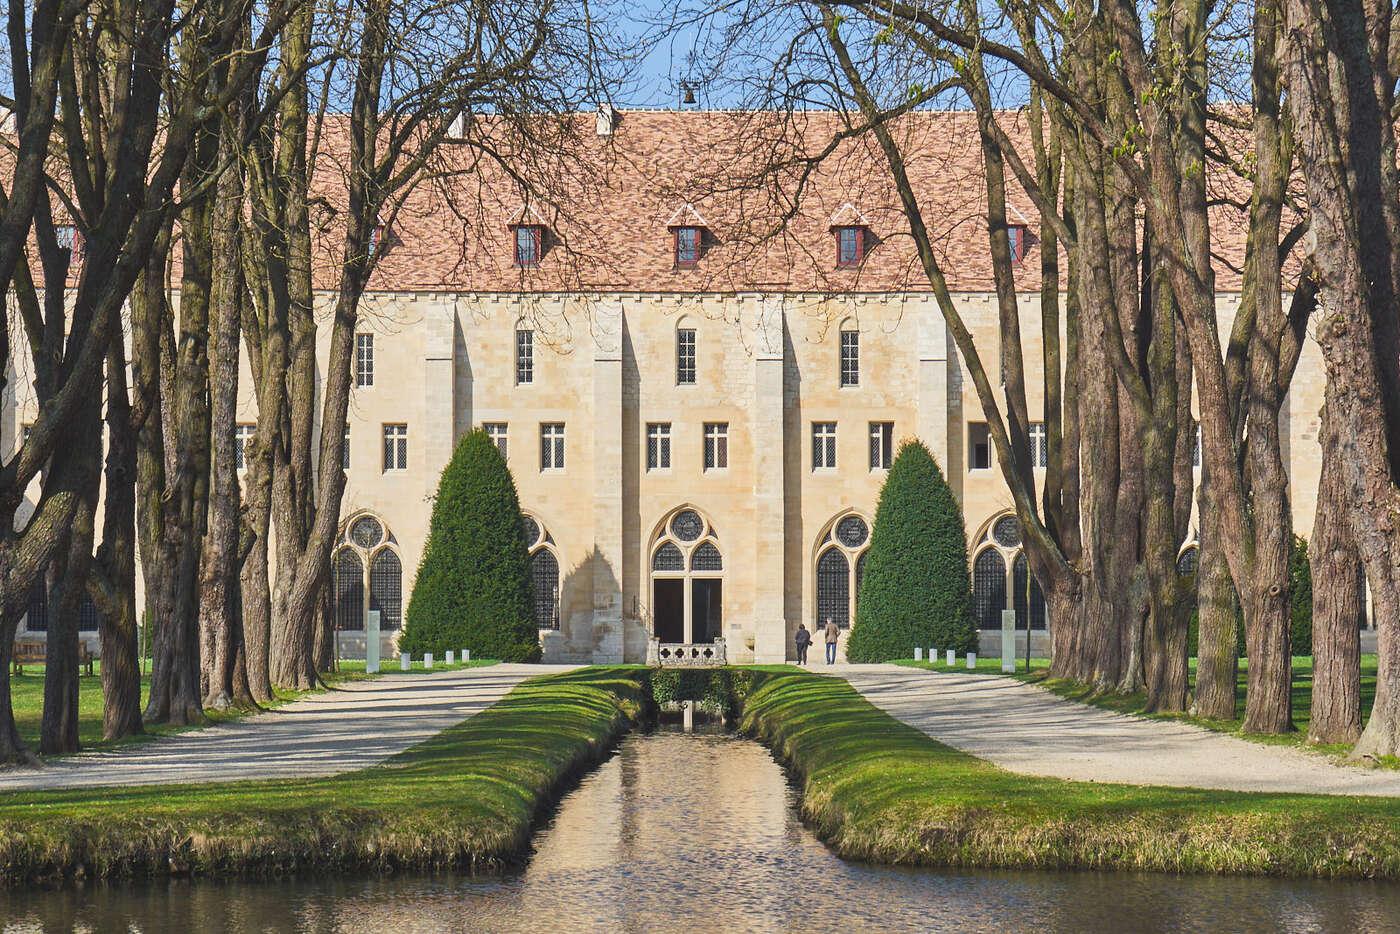 Canaux de l'abbaye de Royaumont